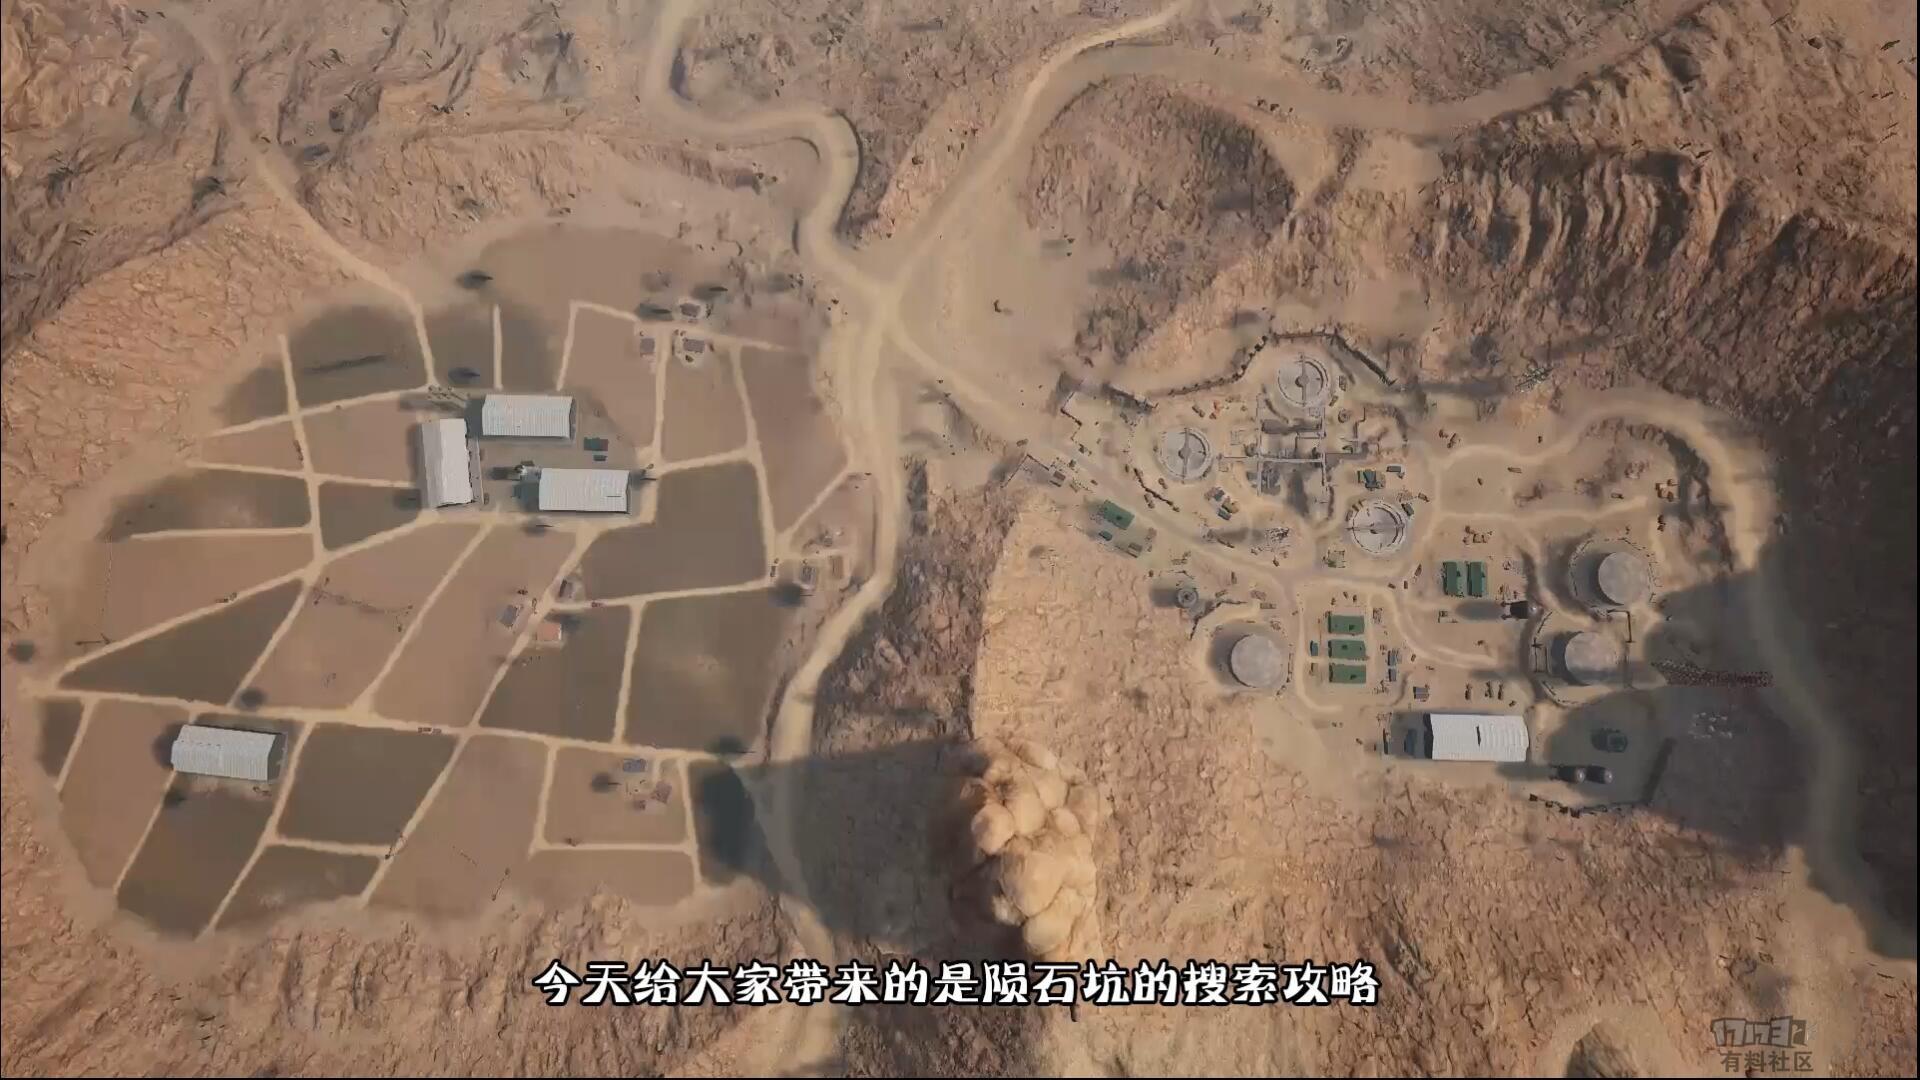 【战术大师】单双排陨石坑打野搜索路线